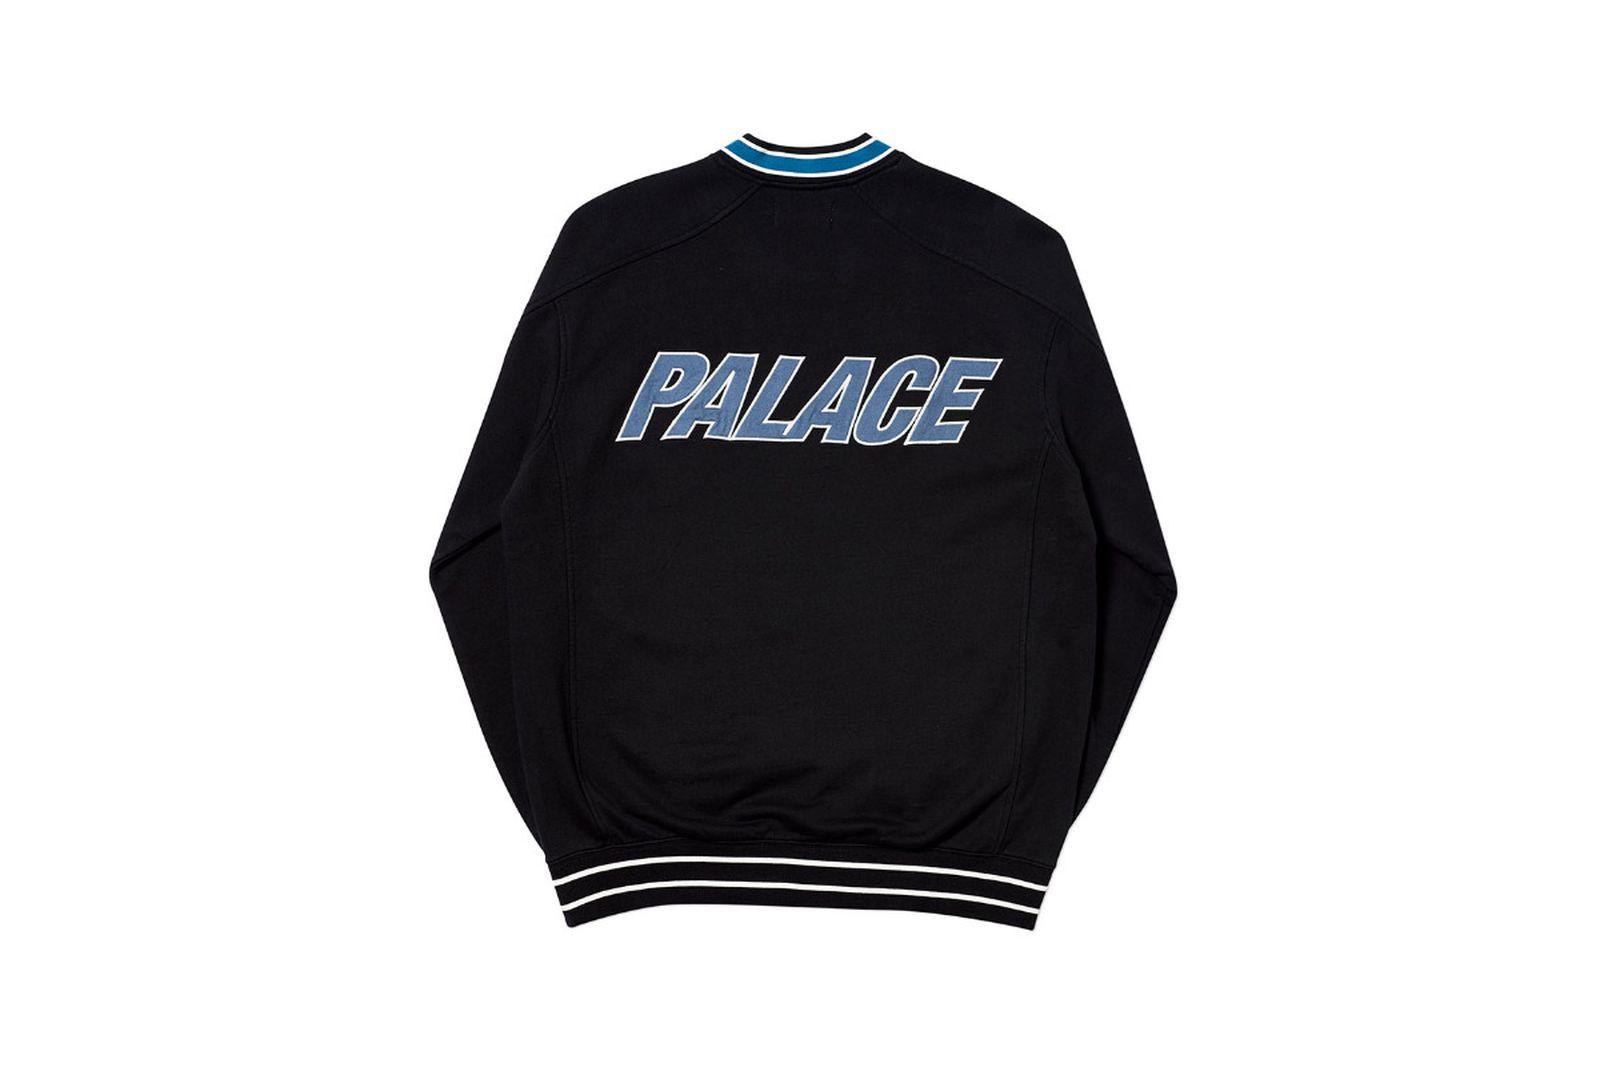 Palace 2019 Autumn crew optimo black back 2073 1